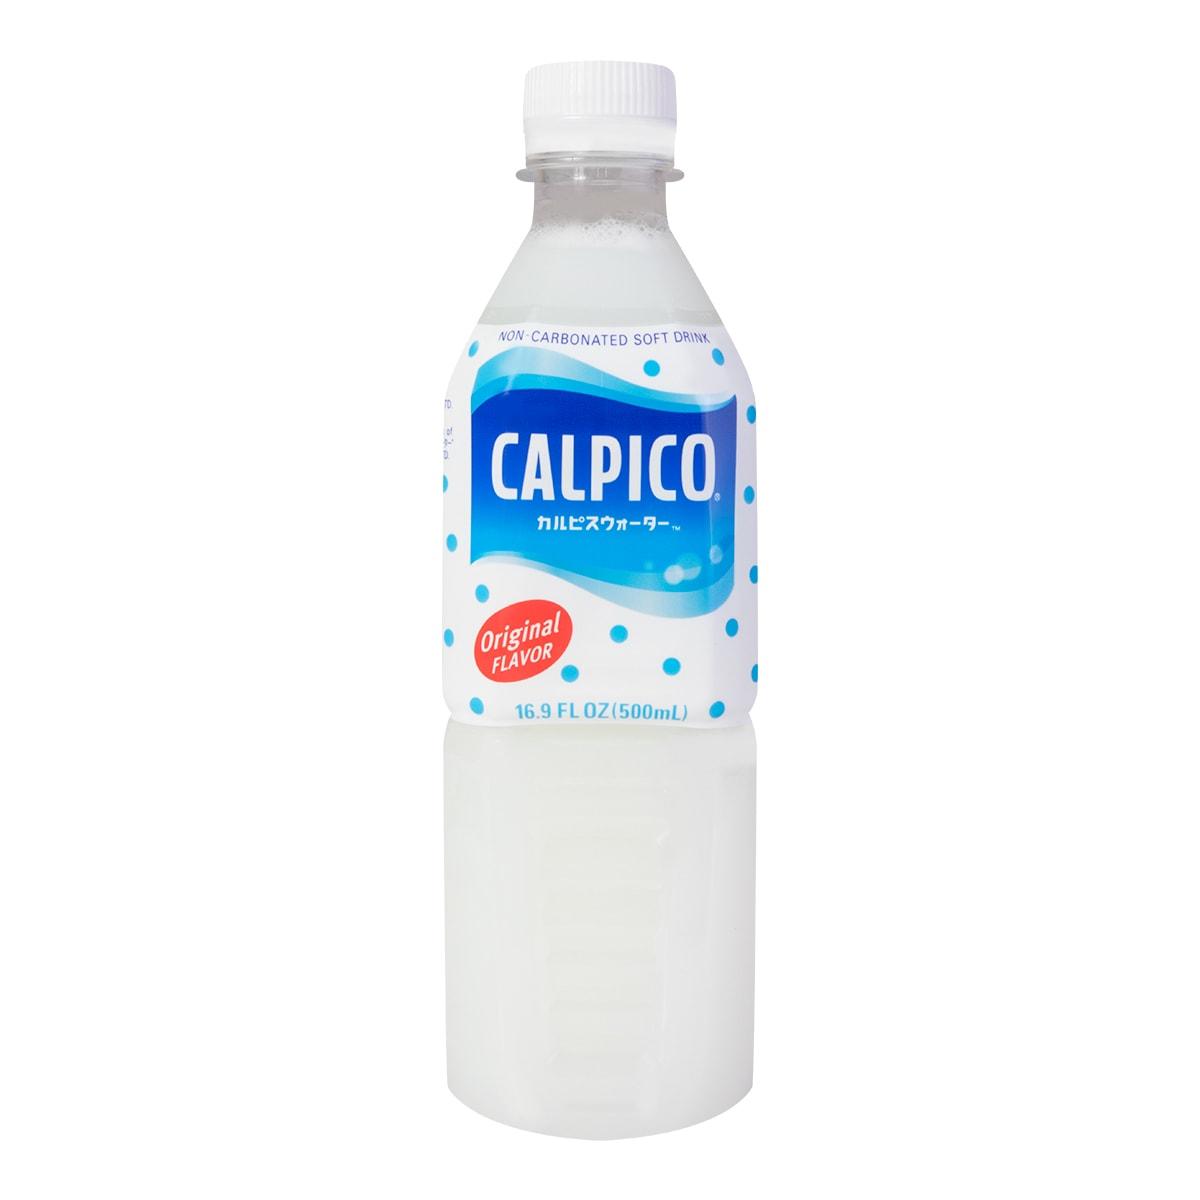 日本CALPICO 无碳酸天然乳酸菌饮料 原味 500ml